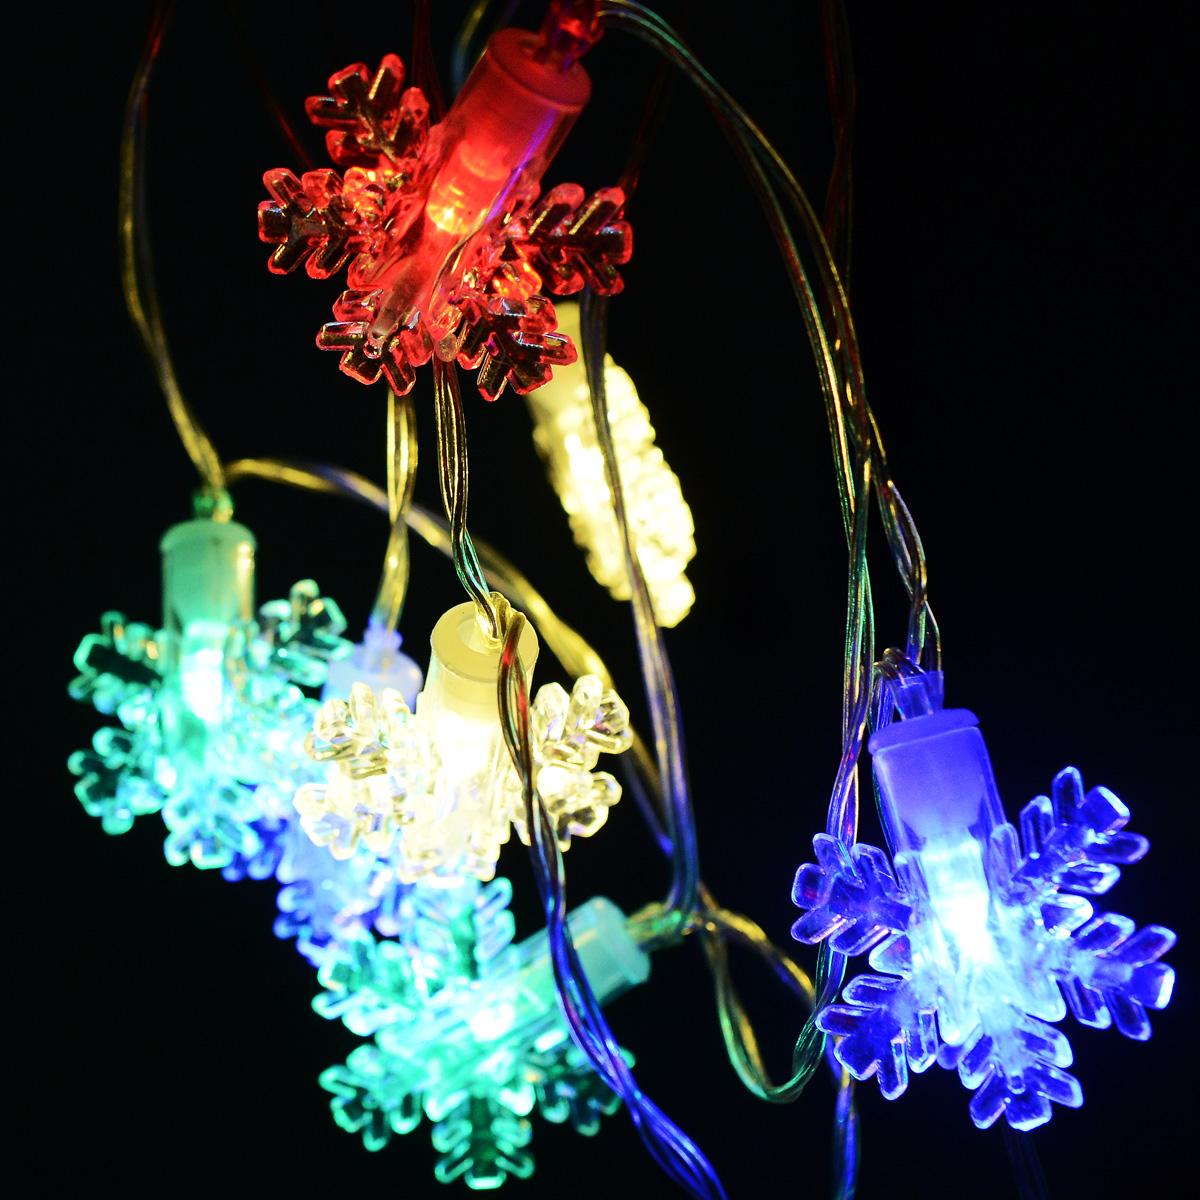 Новогодняя гирлянда Lunten Ranta Снежная, на батарейках, цвет: прозрачный, длина 2,5 м67681Новогодняя гирлянда Lunten Ranta Снежная украсит интерьер вашего дома или офиса в преддверии Нового года. Изделие изготовлено из акрила и пластика и оснащено 10 LED лампами. Гирлянда работает на 2 батарейках типа АА (1,5 V) (не входят в комплект). Предназначена для использования внутри помещения. Оригинальный дизайн и красочное исполнение создадут праздничное настроение. Откройте для себя удивительный мир сказок и грез. Почувствуйте волшебные минуты ожидания праздника, создайте новогоднее настроение вашим дорогим и близким. Количество ламп: 10 шт. Общая длина гирлянды: 2,5 м.